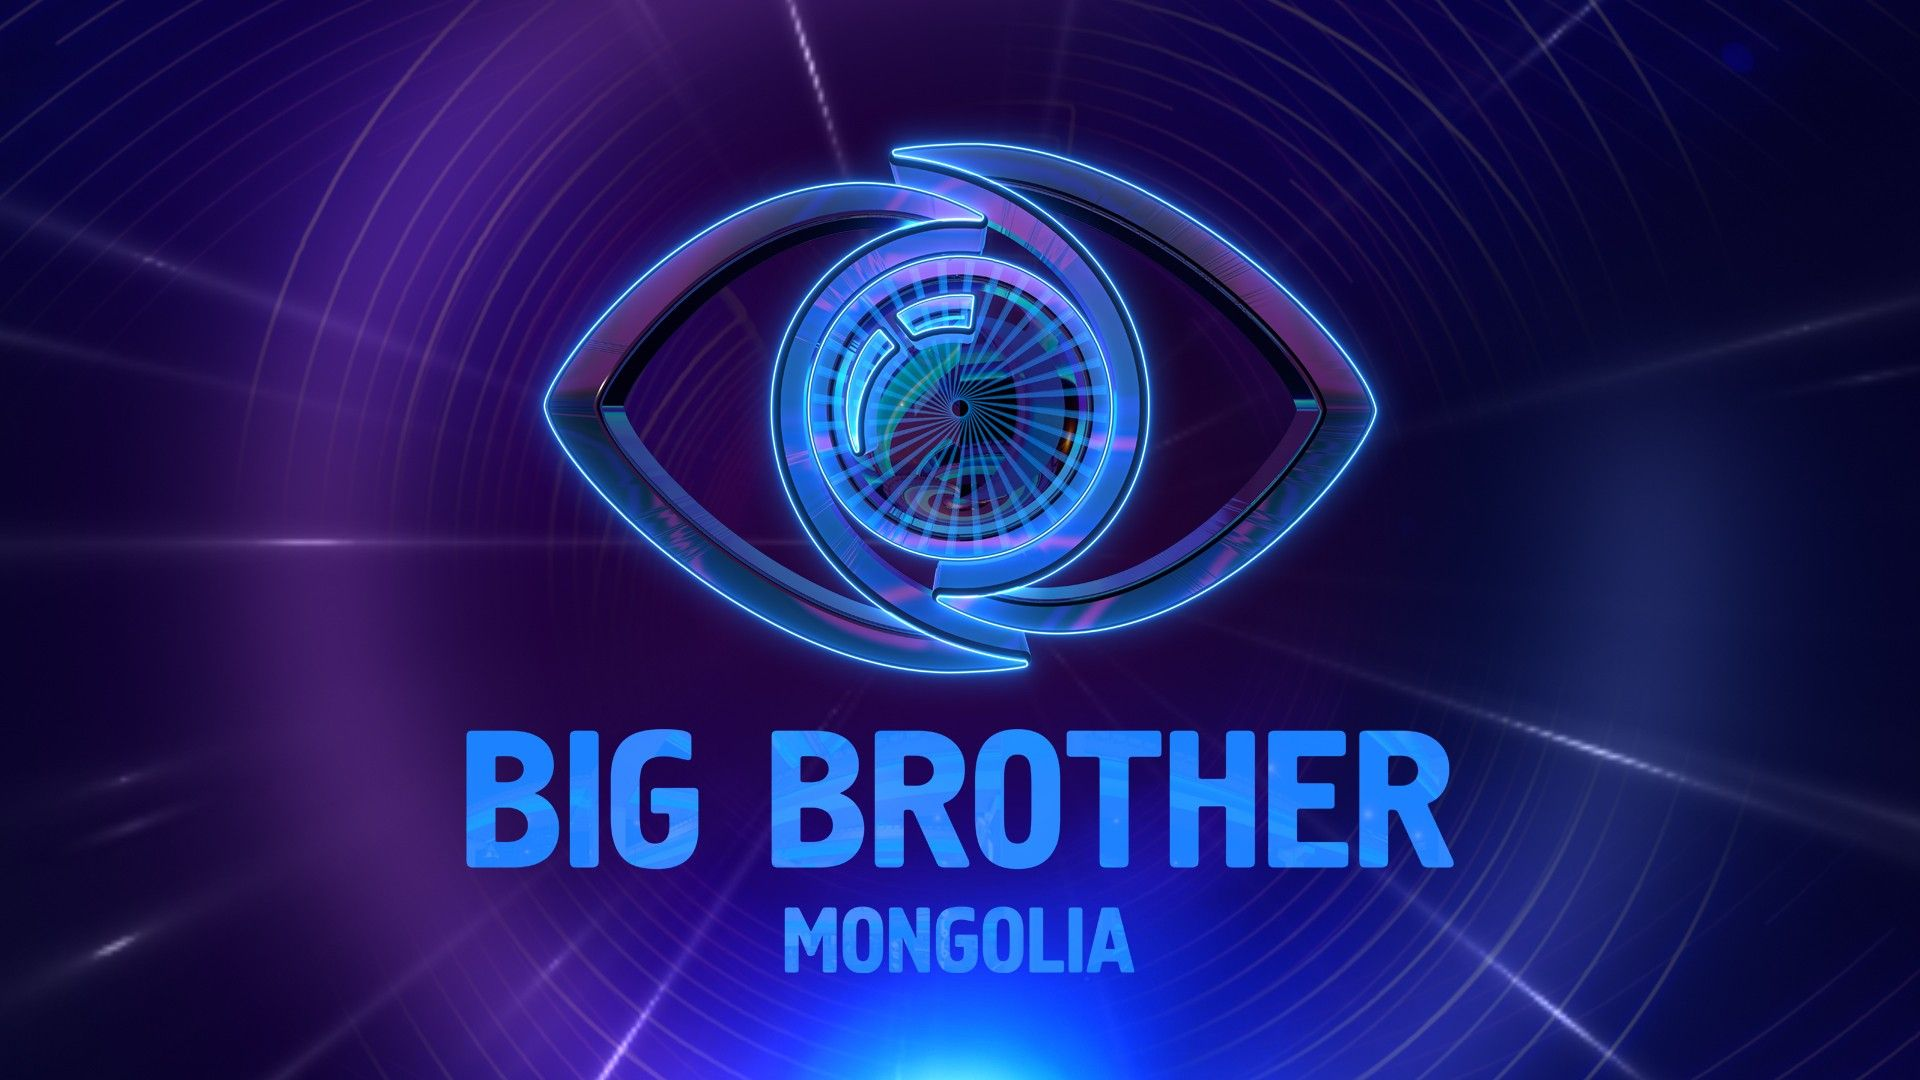 BigBrother Mongolia